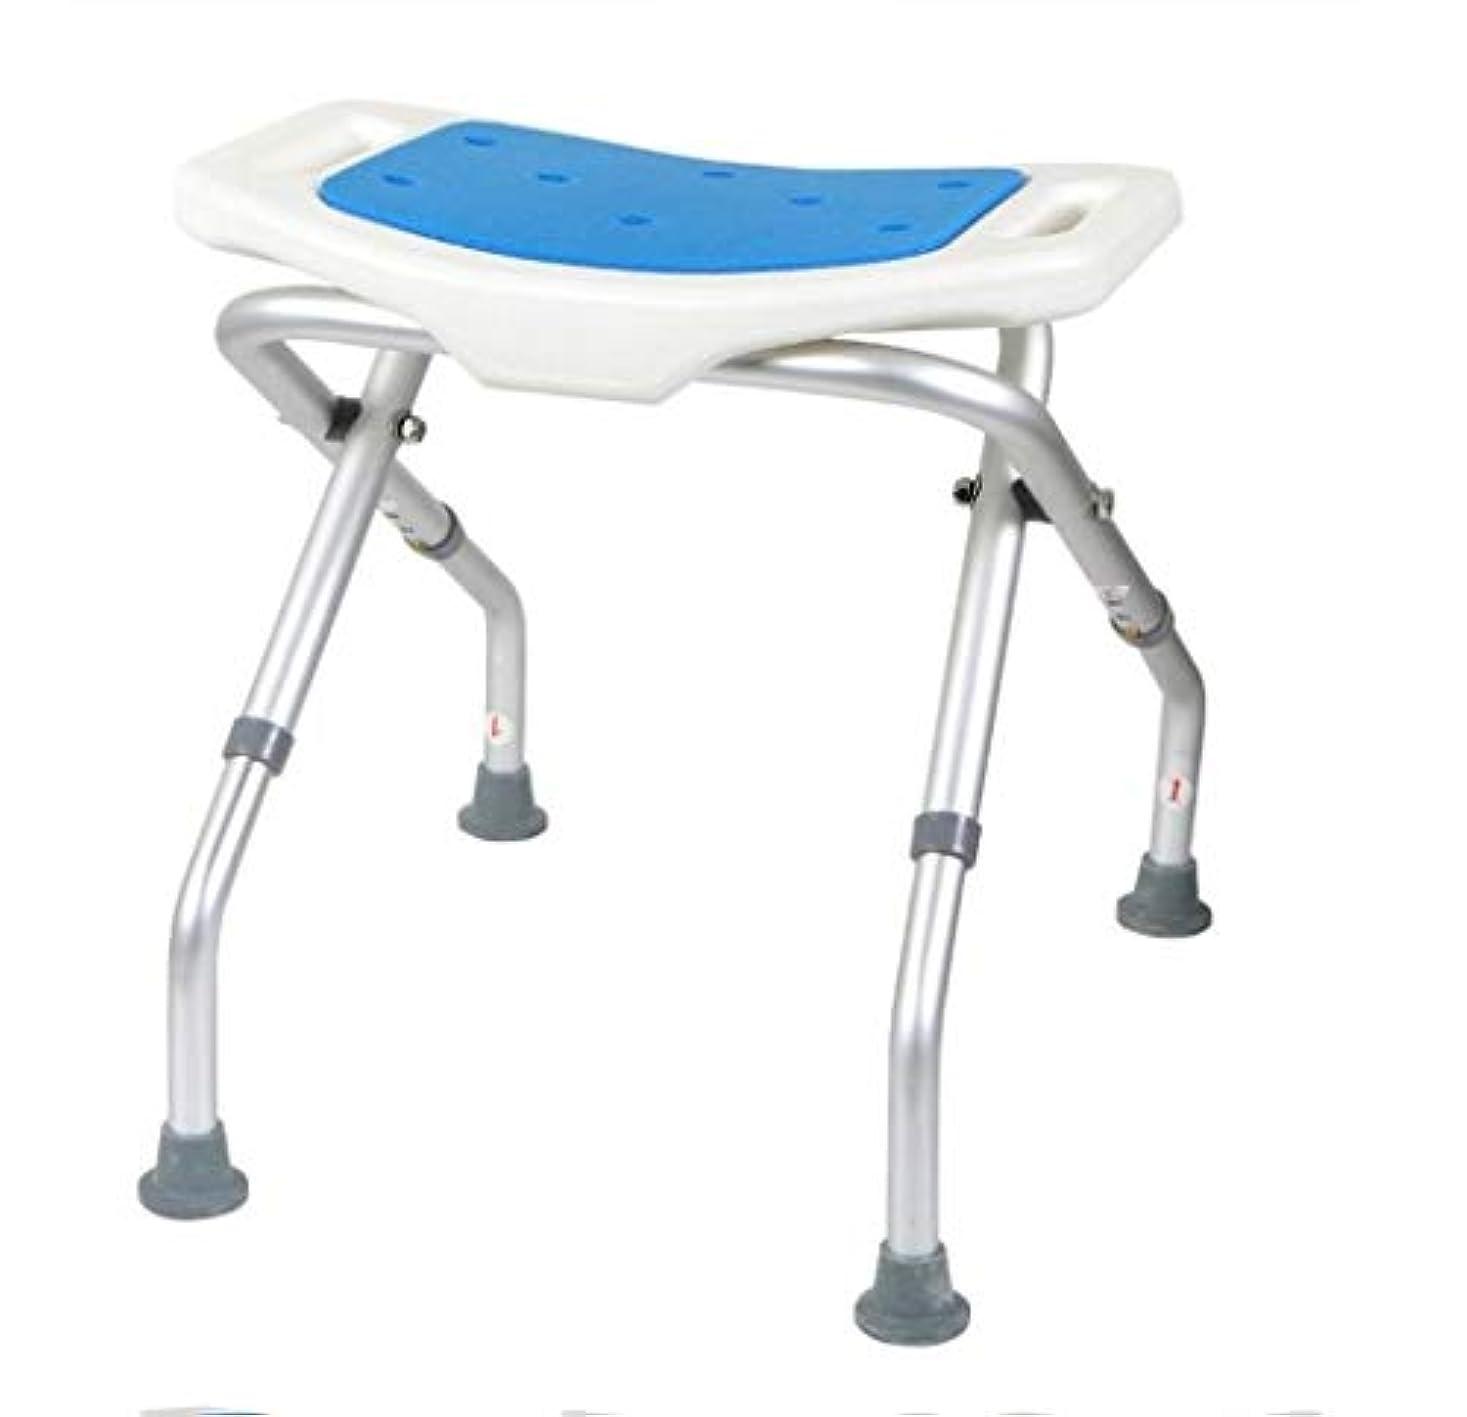 潤滑する固めるレザー軽量高さ調節可能なシャワースツール、バスルームシート、シャワーチェア、高齢者用入浴用品、身体障害者用、バスシートベンチ